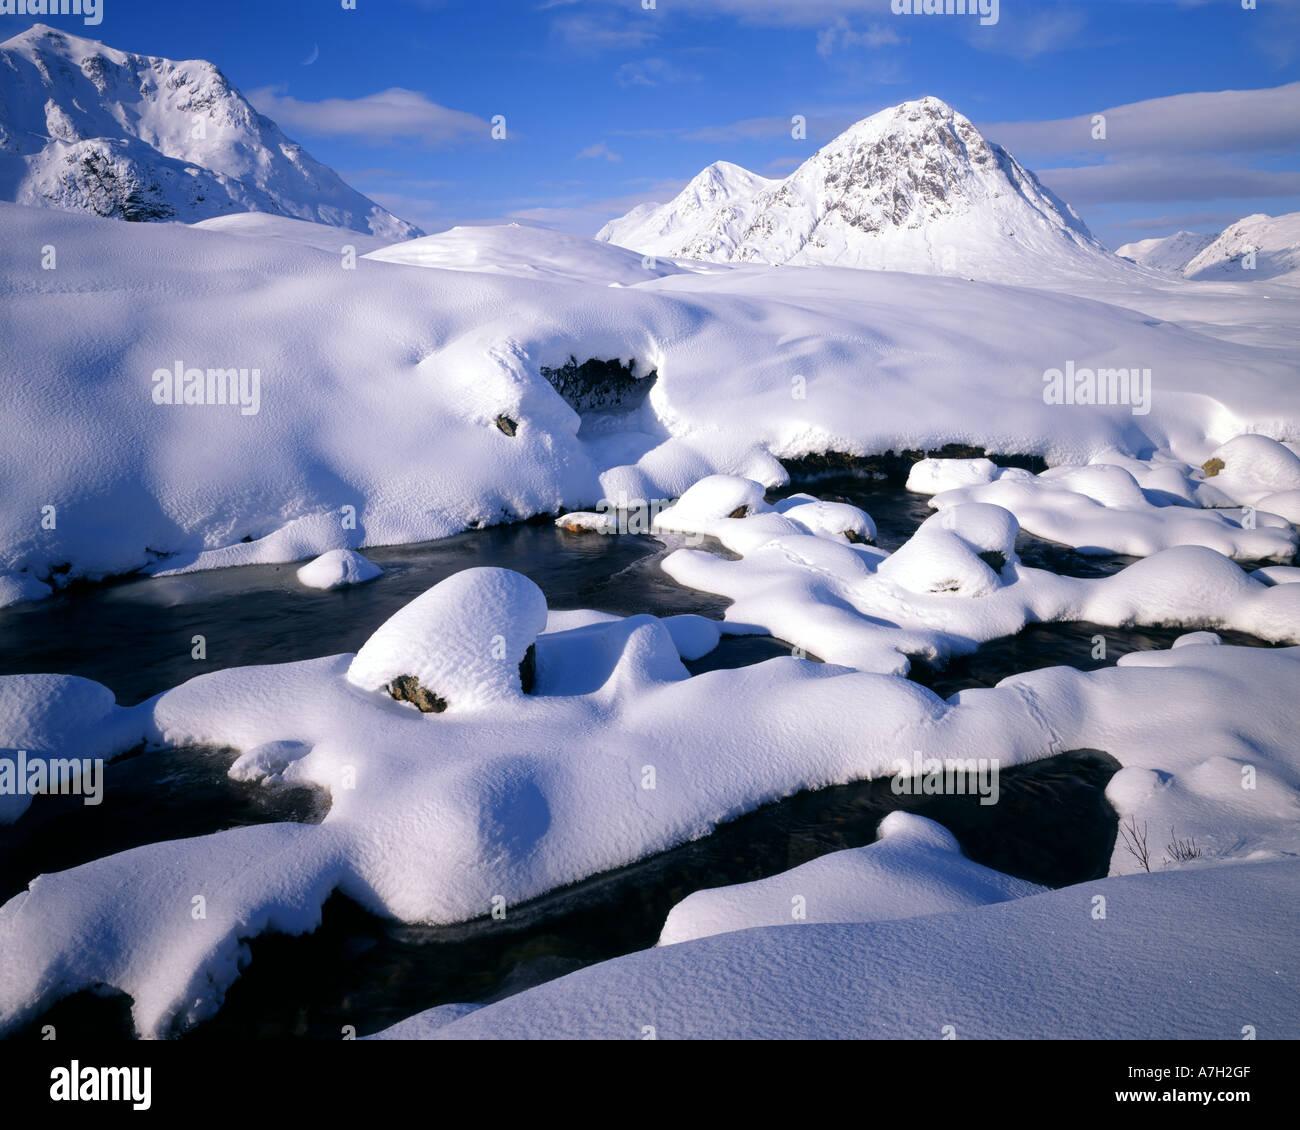 GB - Scozia: Inverno in Glen Coe Immagini Stock